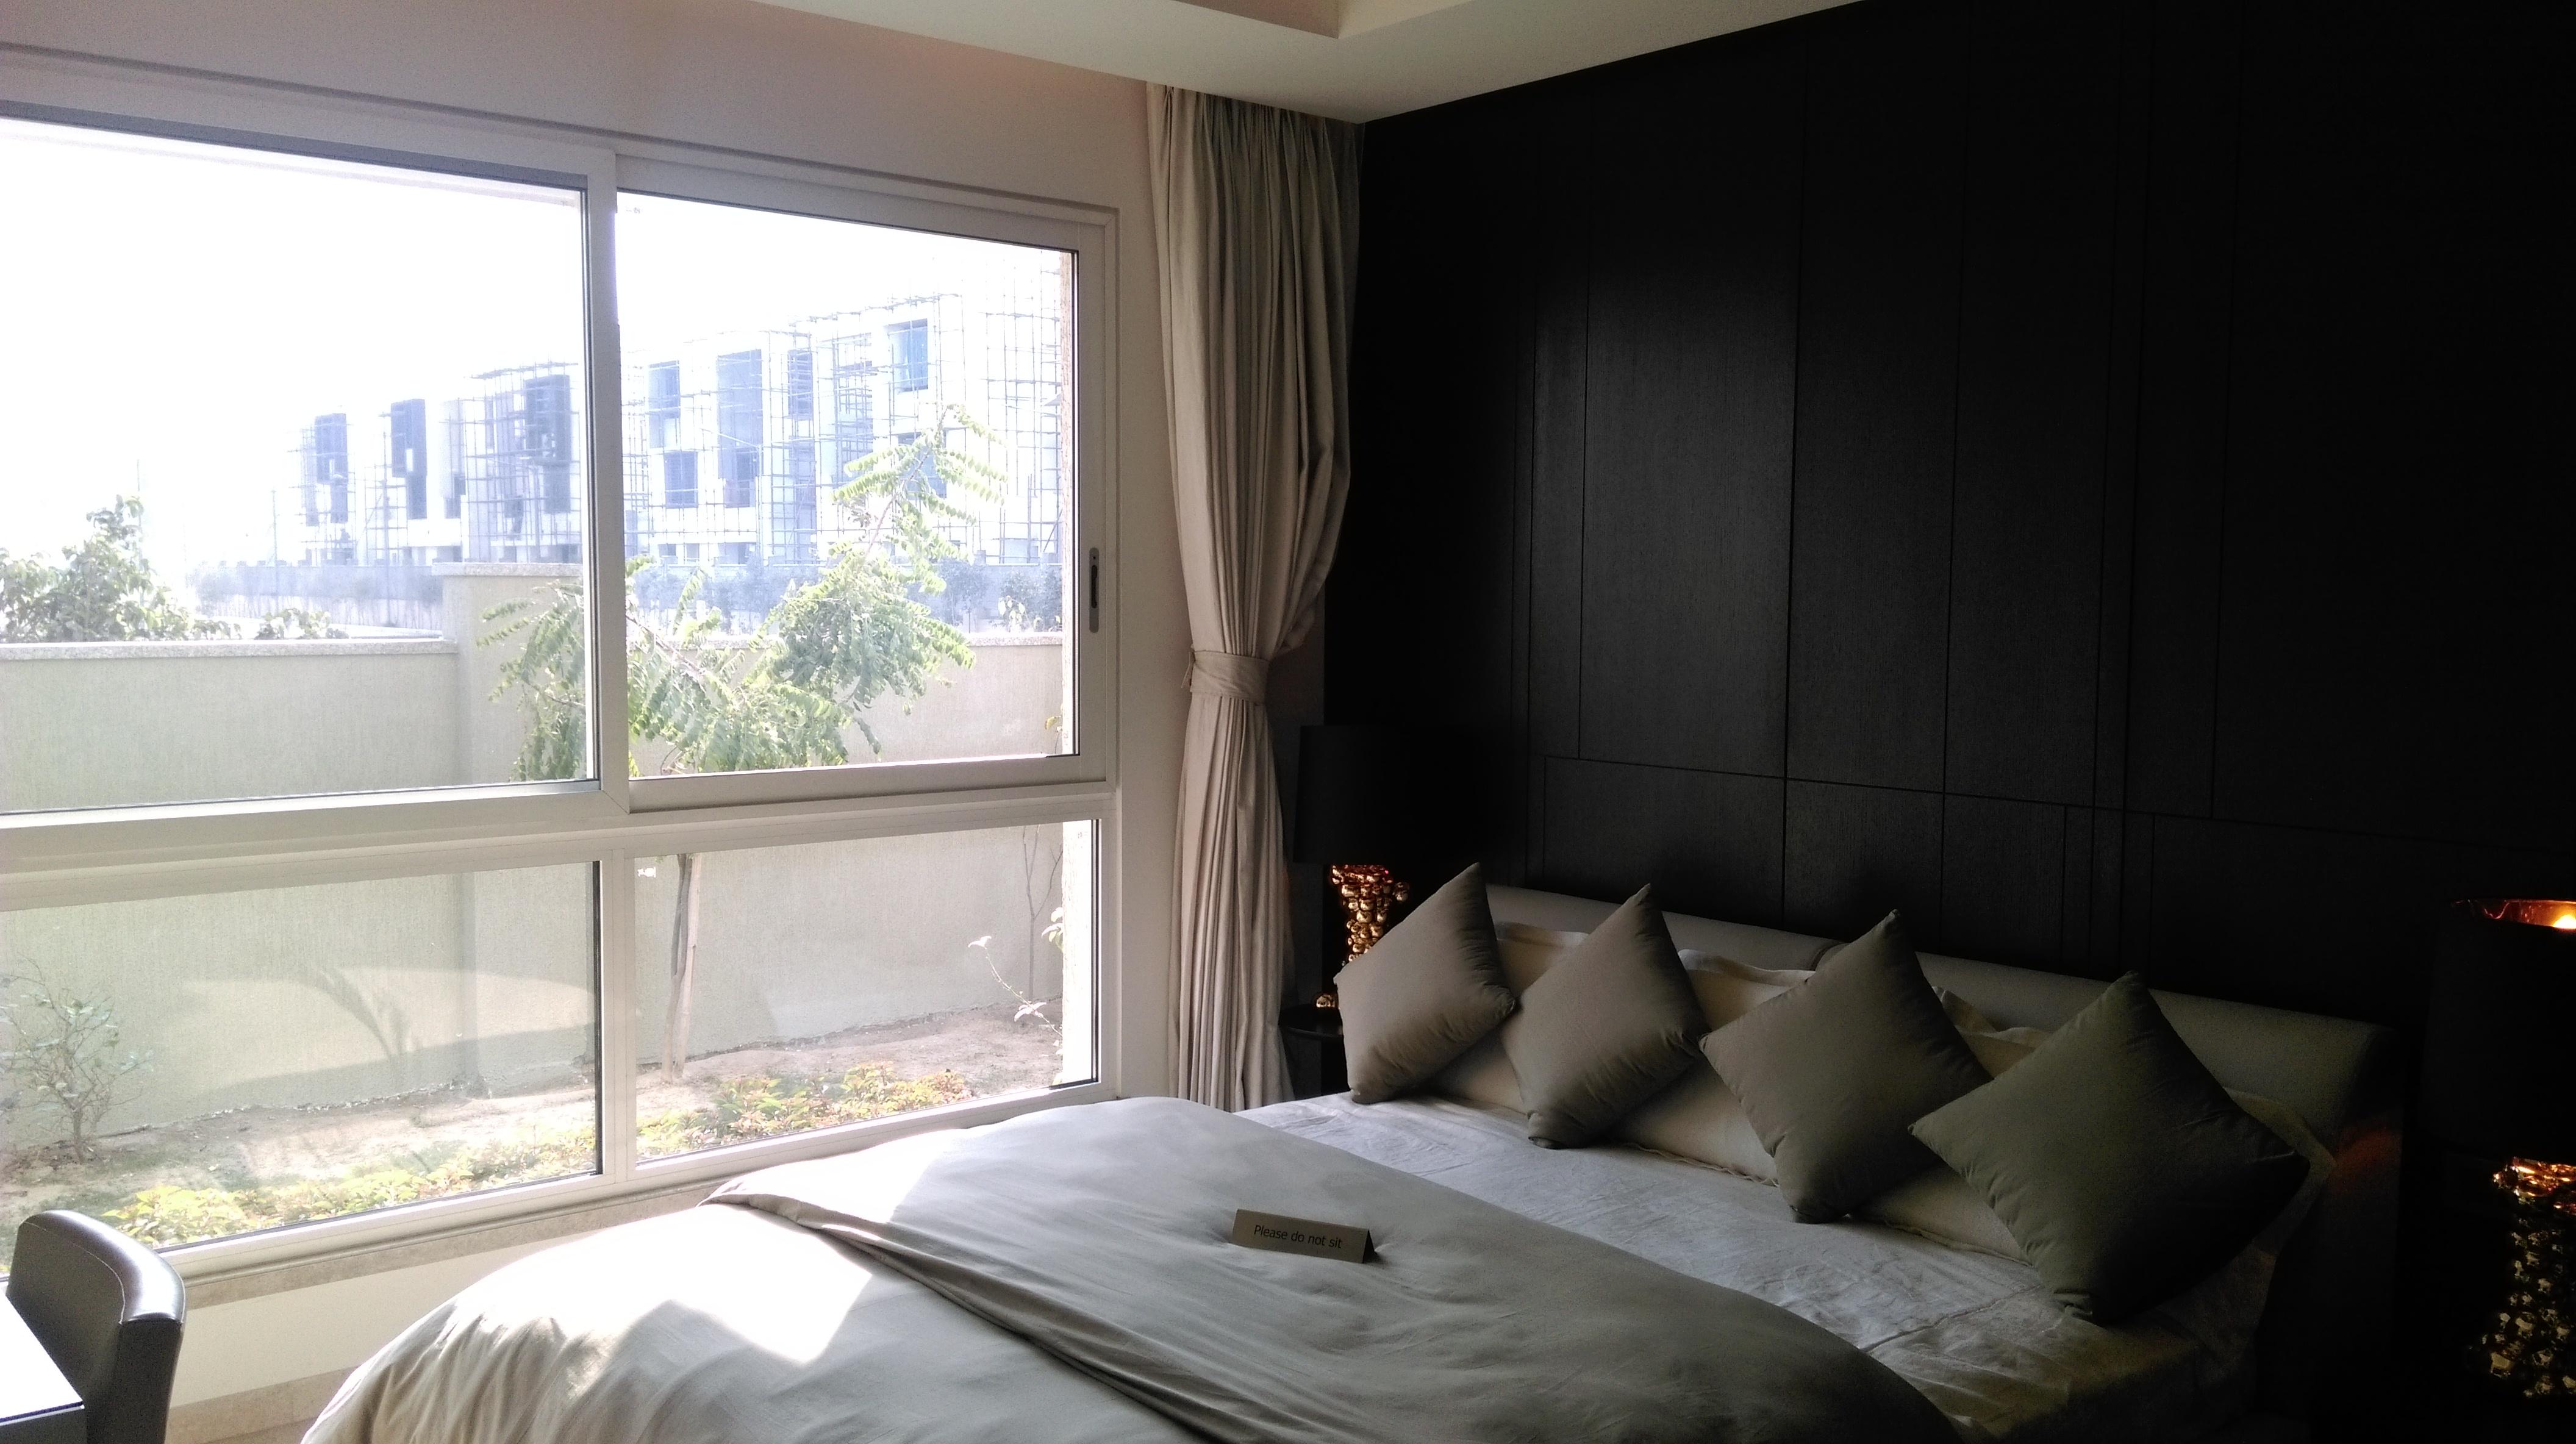 Bedroom facing rear lawn at Sobha International City Presidential Villa